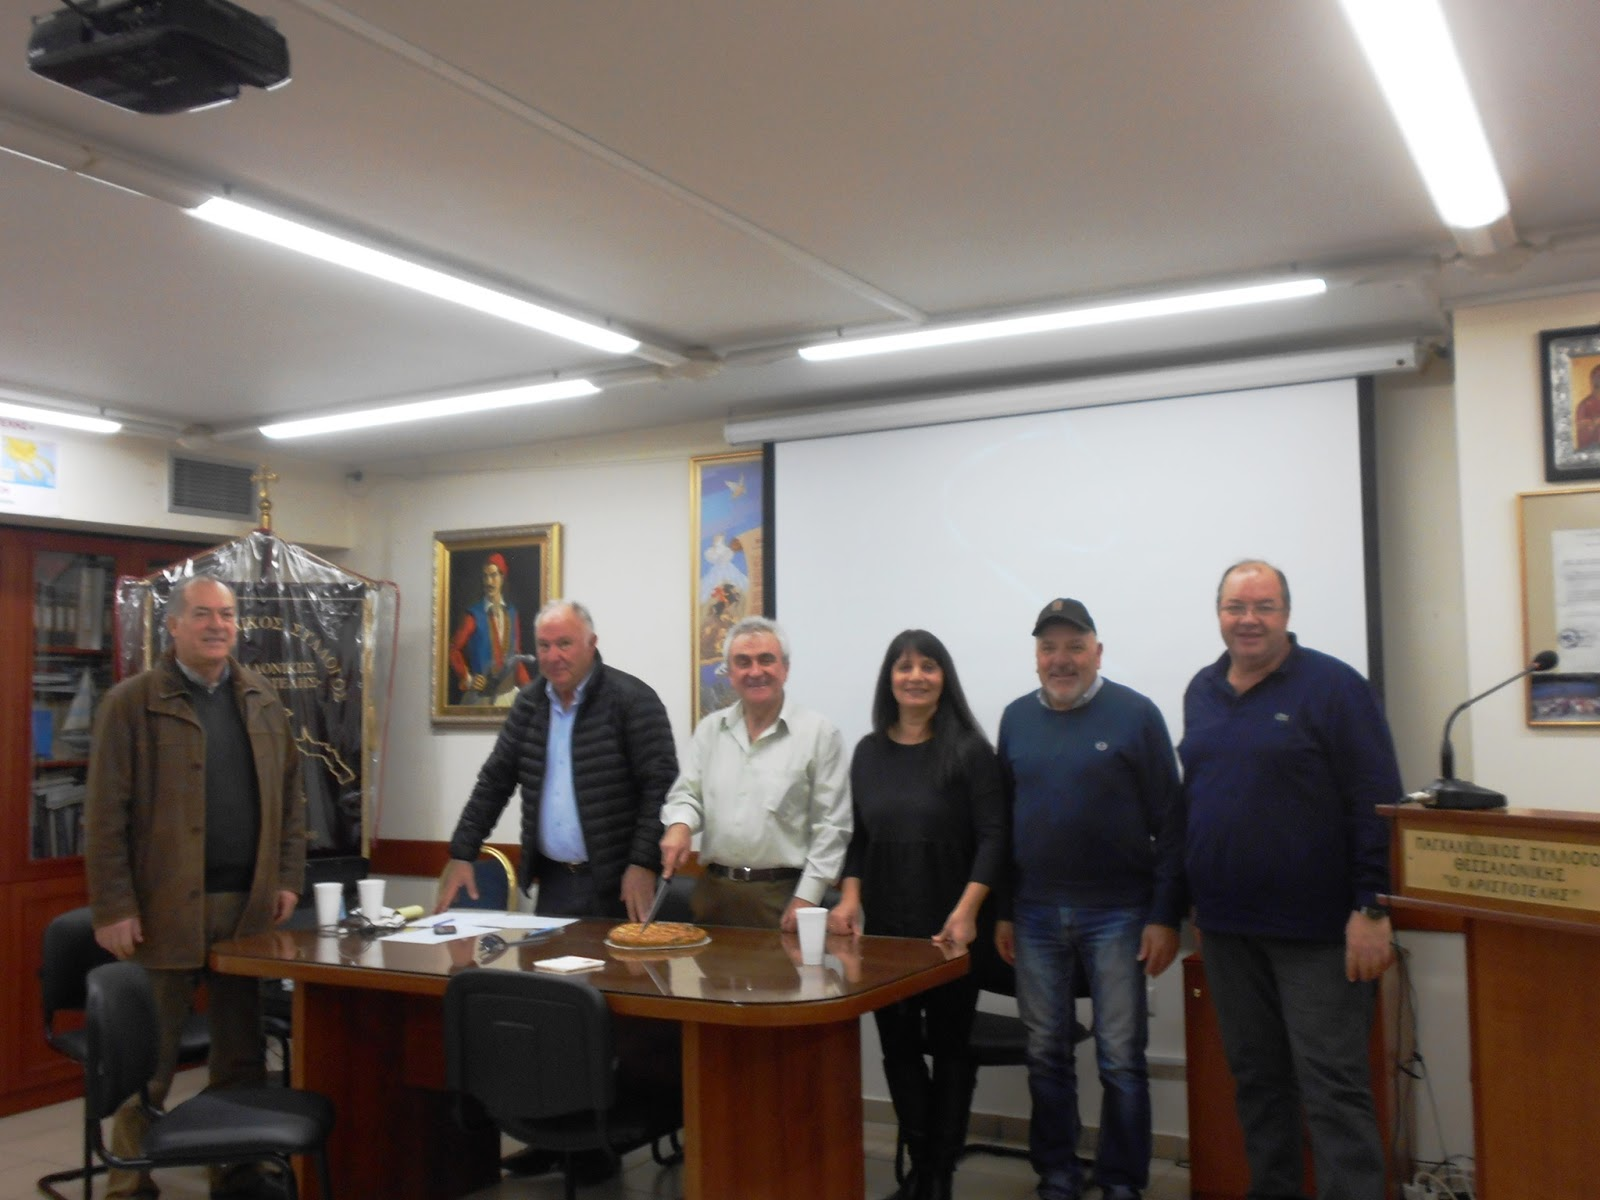 Συνέλευση και Κοπή Πίτας του Συλλόγου Απανταχού Διαμενόντων Ταξιαρχιωτών Χαλκιδικής